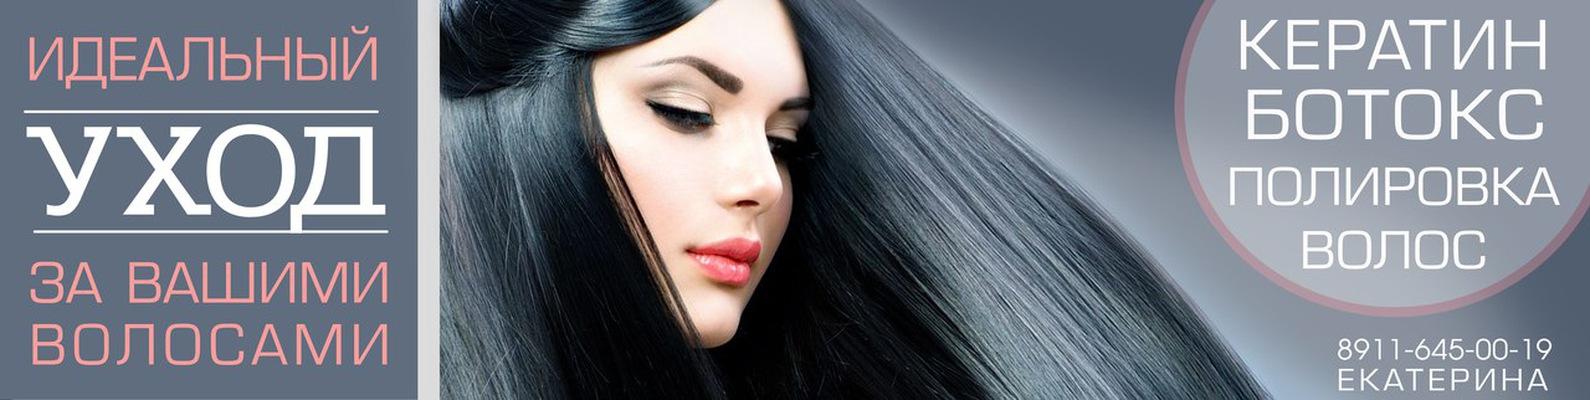 Иноар ботокс для волос отзывы последствия